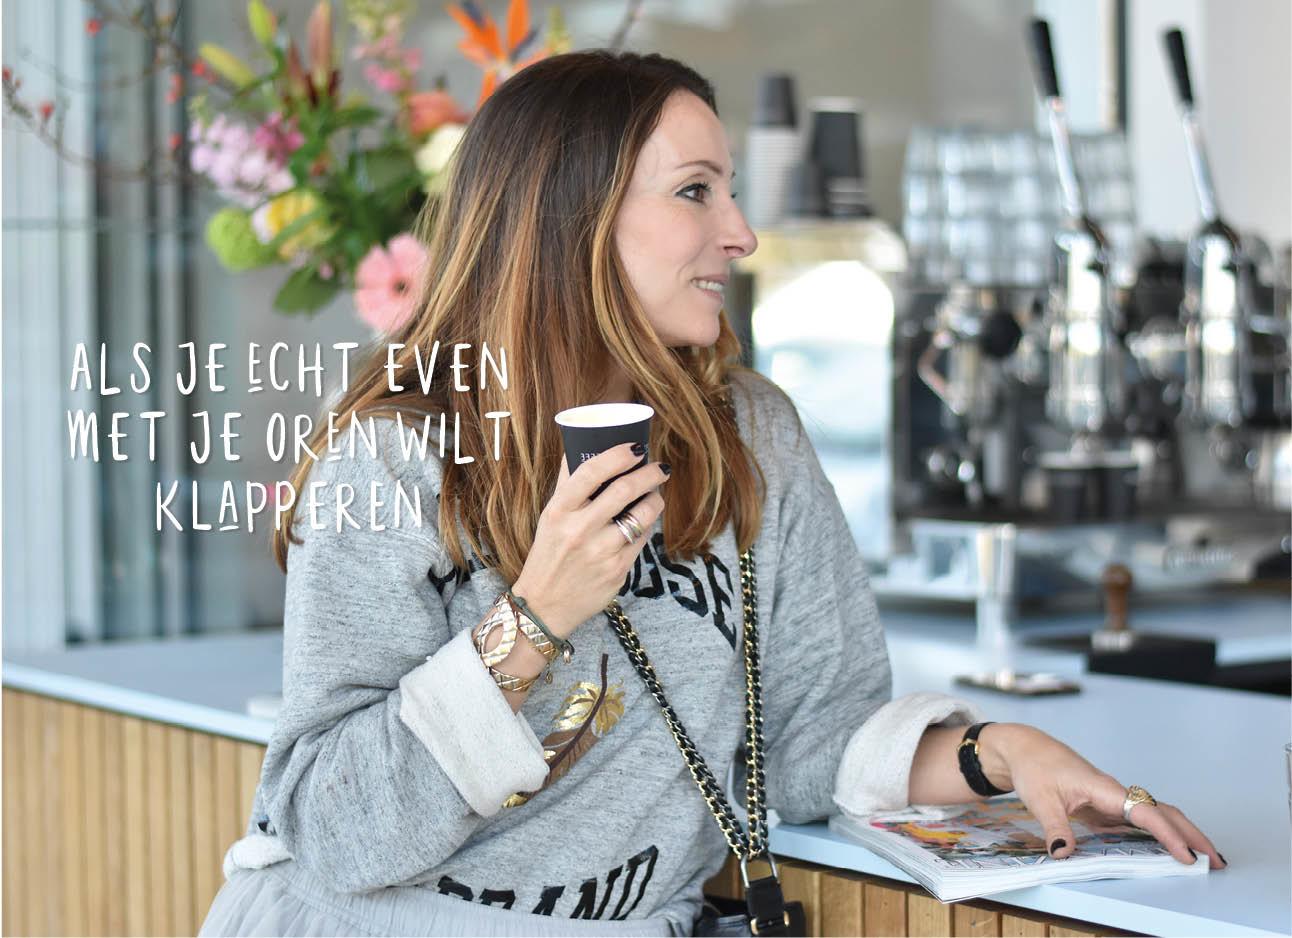 may in grijze trui met koffie in haar hand